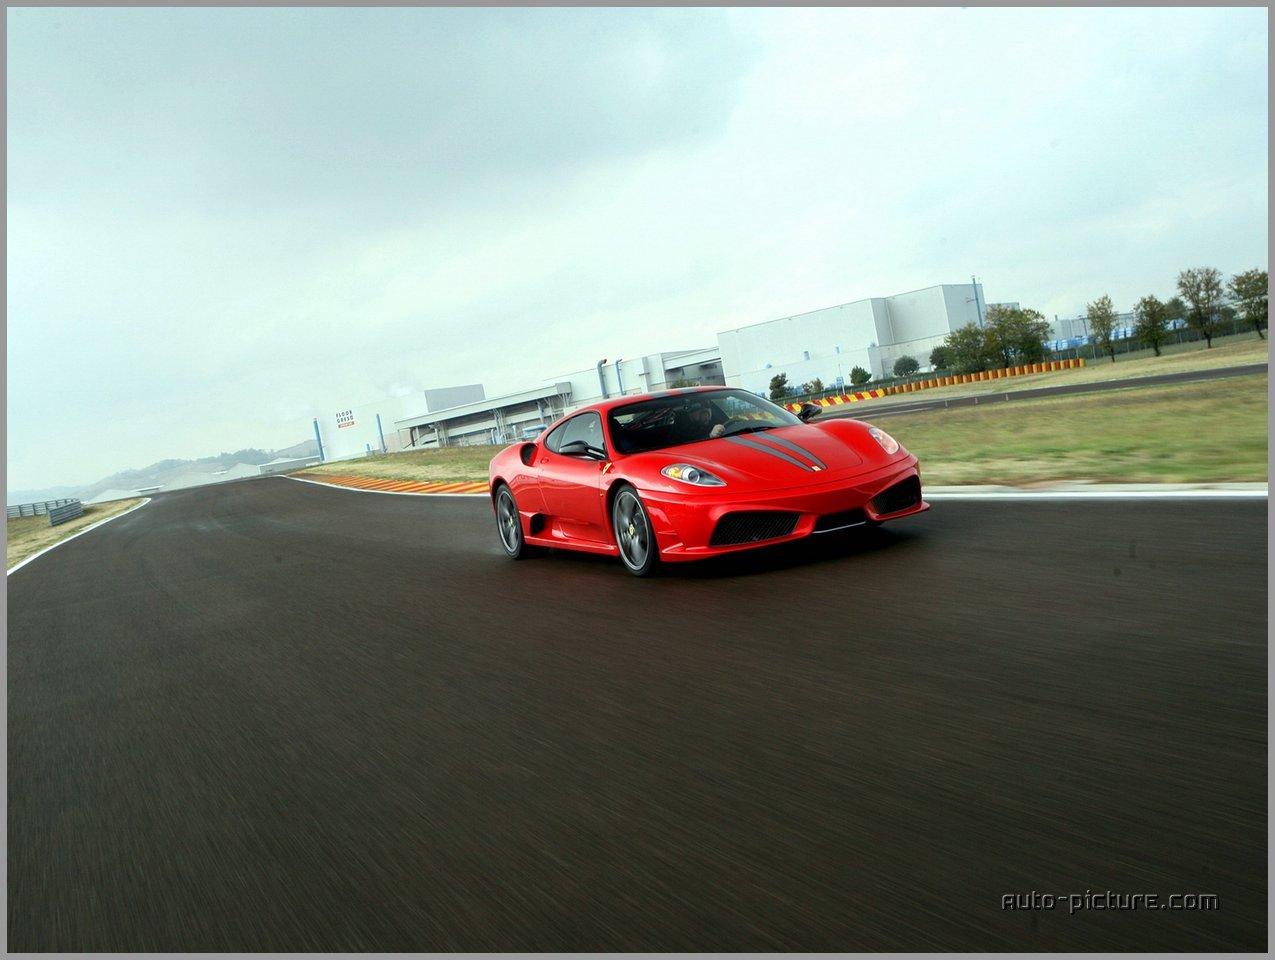 11933 скачать обои Транспорт, Машины, Феррари (Ferrari) - заставки и картинки бесплатно